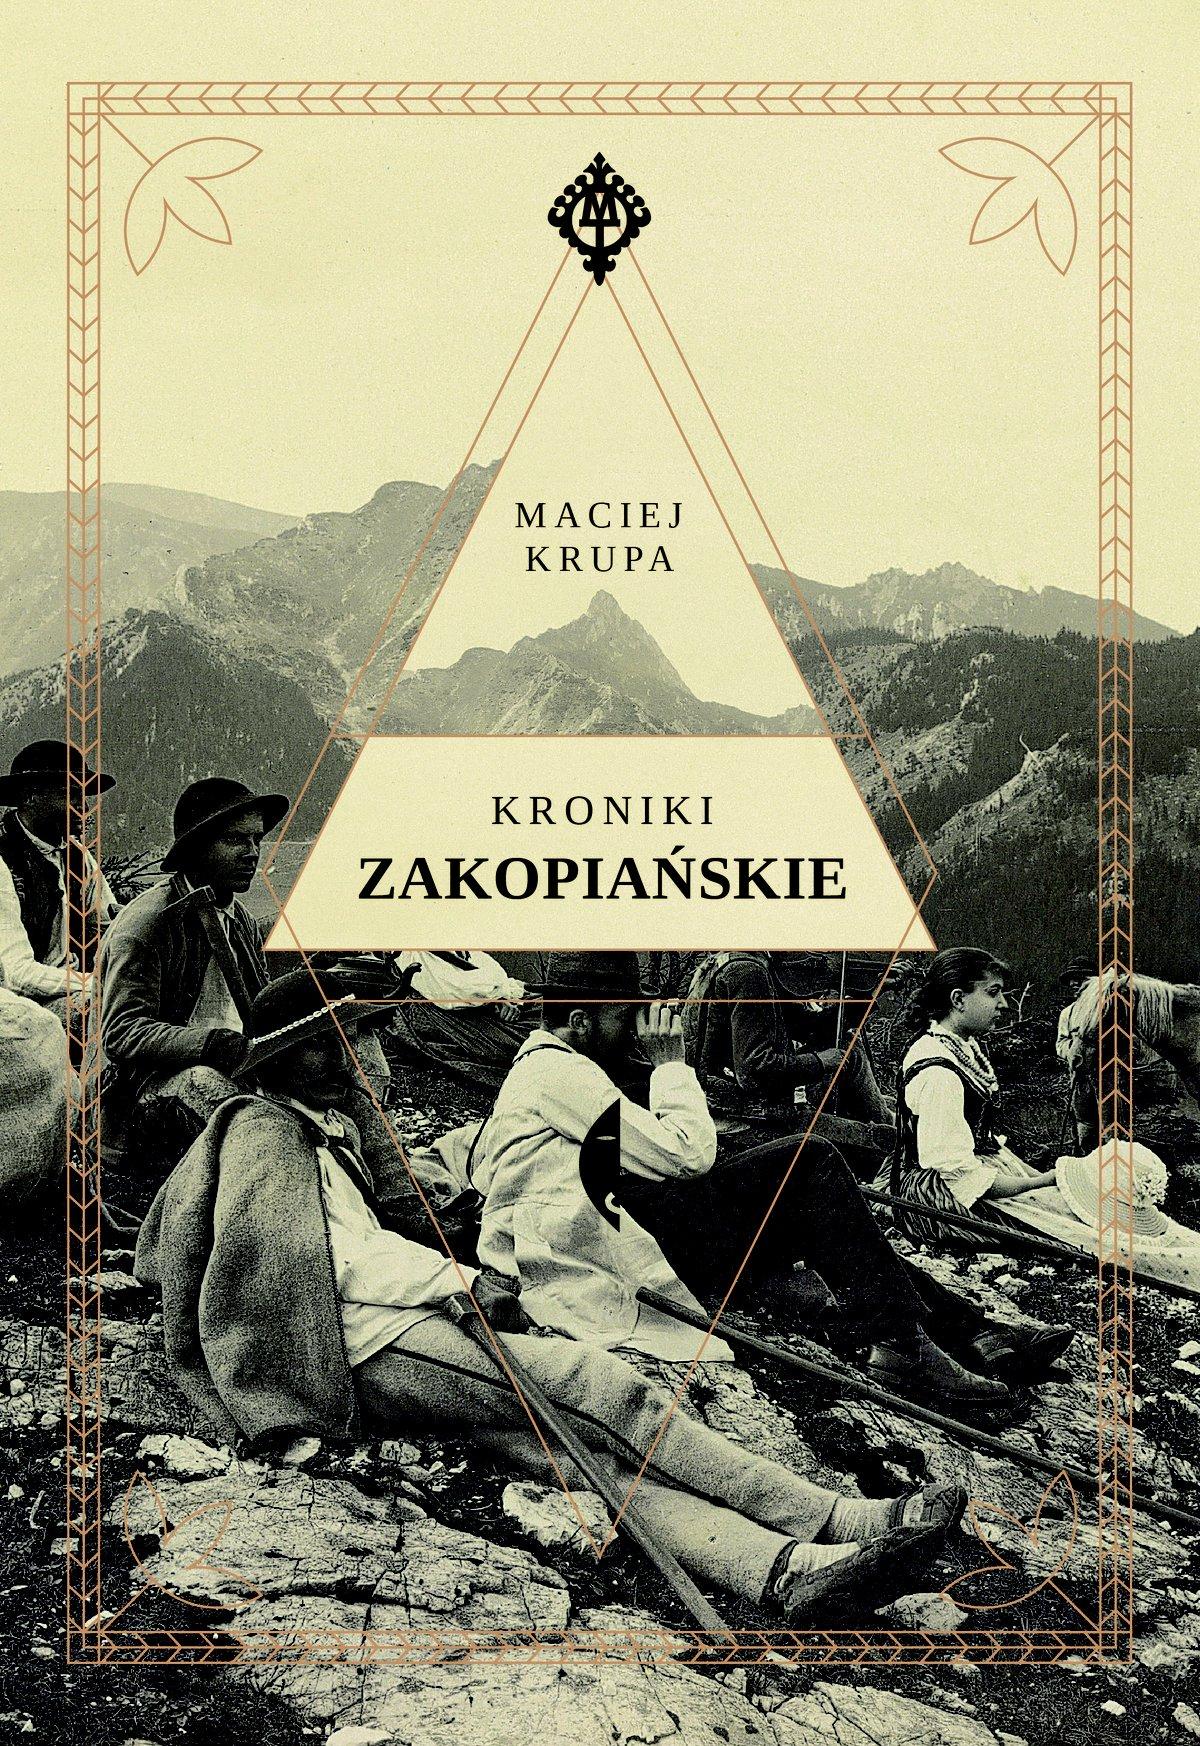 Kroniki zakopiańskie - Ebook (Książka na Kindle) do pobrania w formacie MOBI